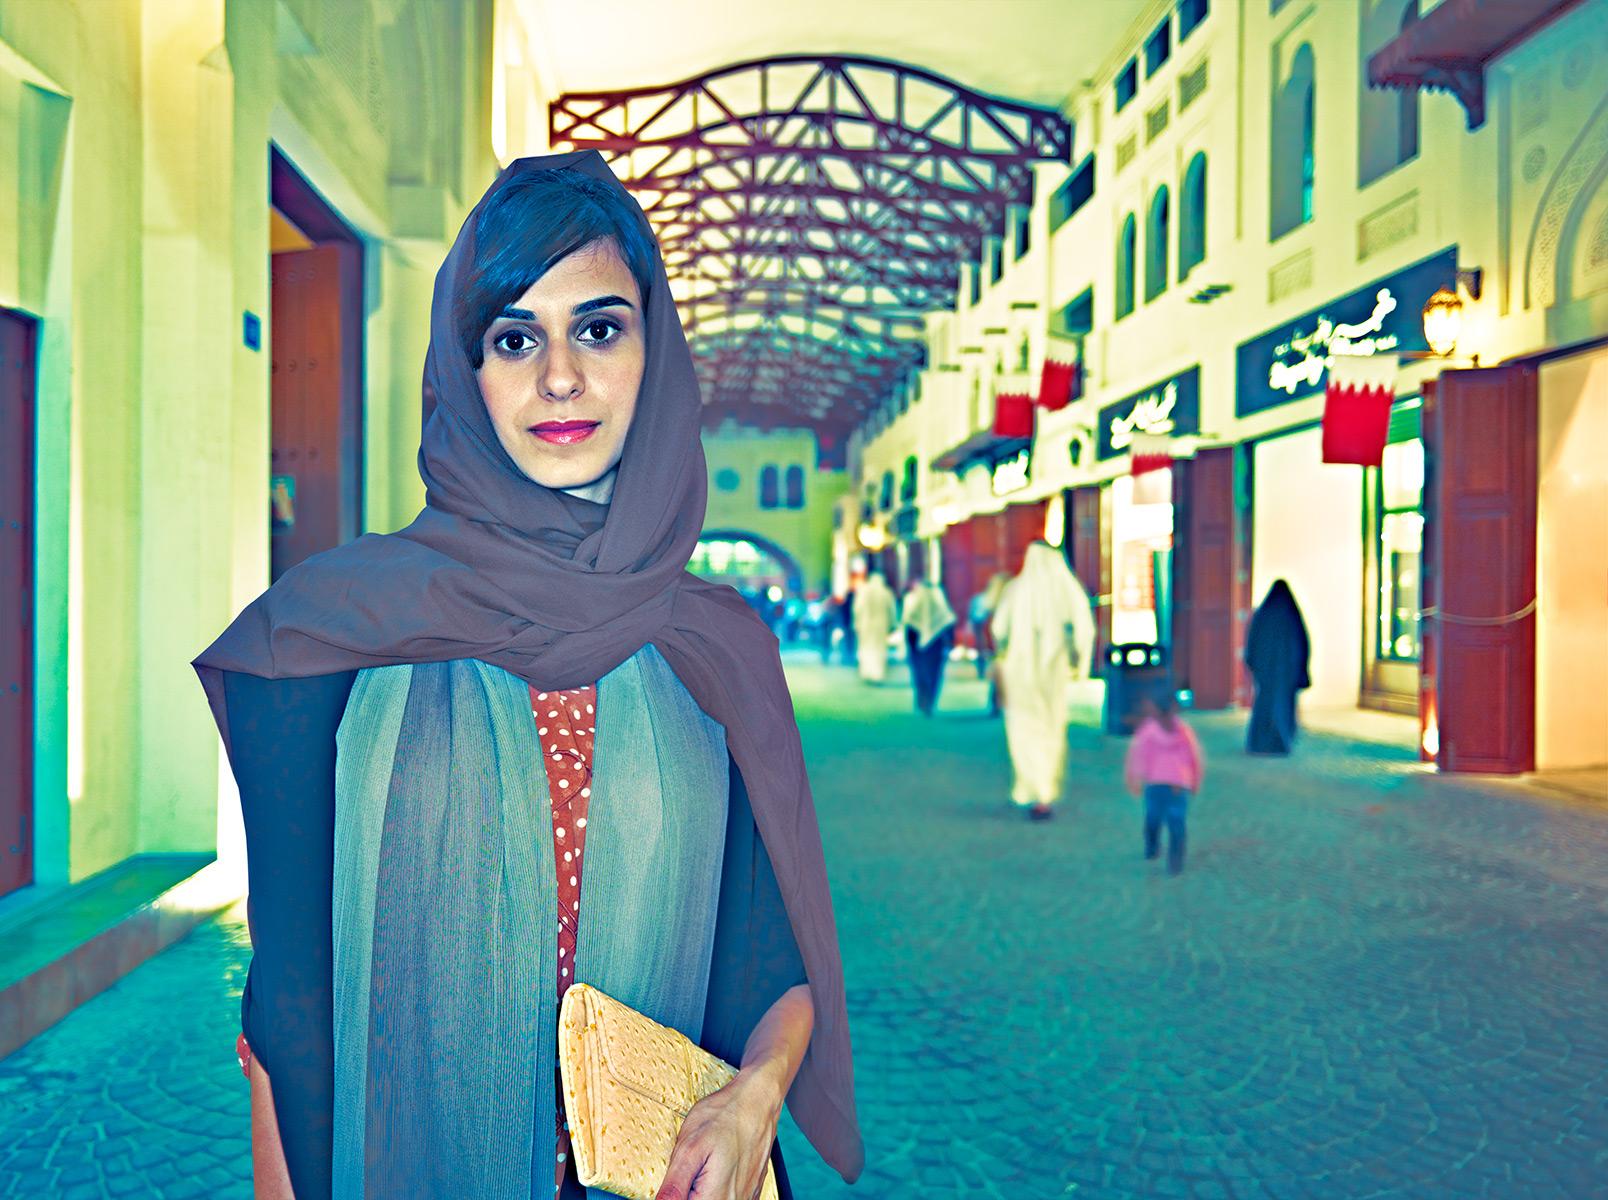 Woman_Street_Portrait1H.jpg